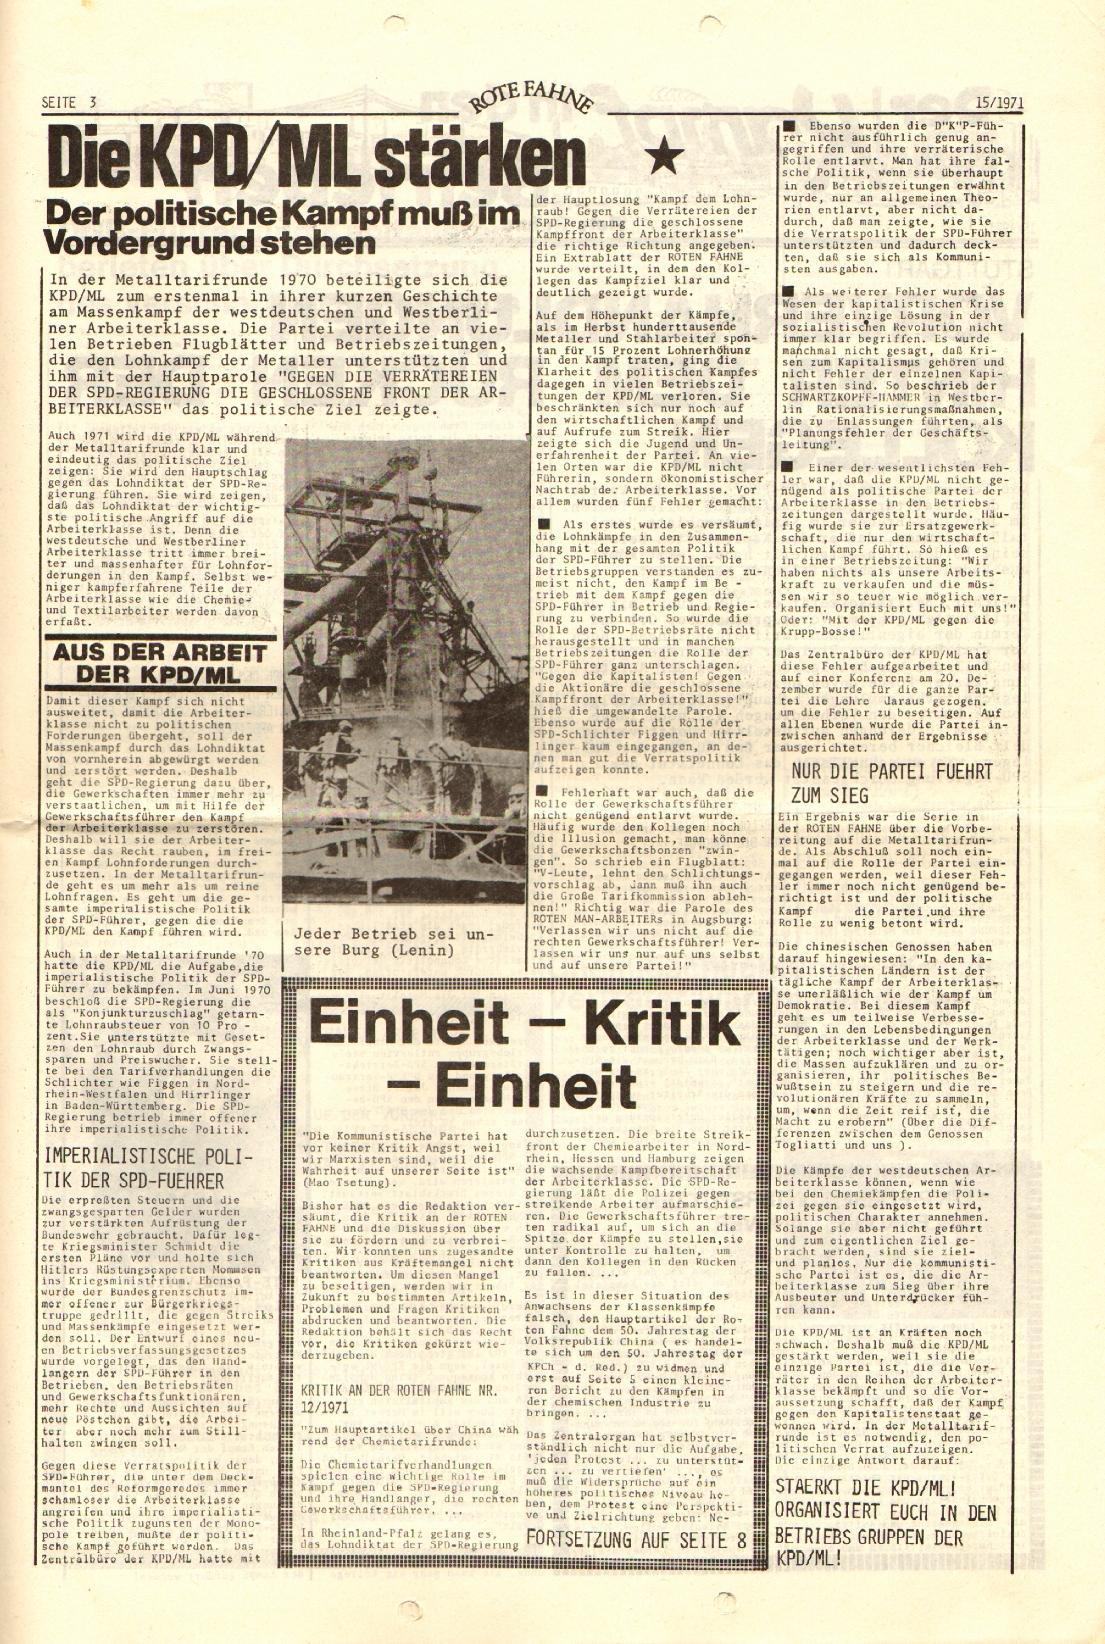 Rote Fahne, 2. Jg., 2.8.1971, Nr. 15, Seite 3